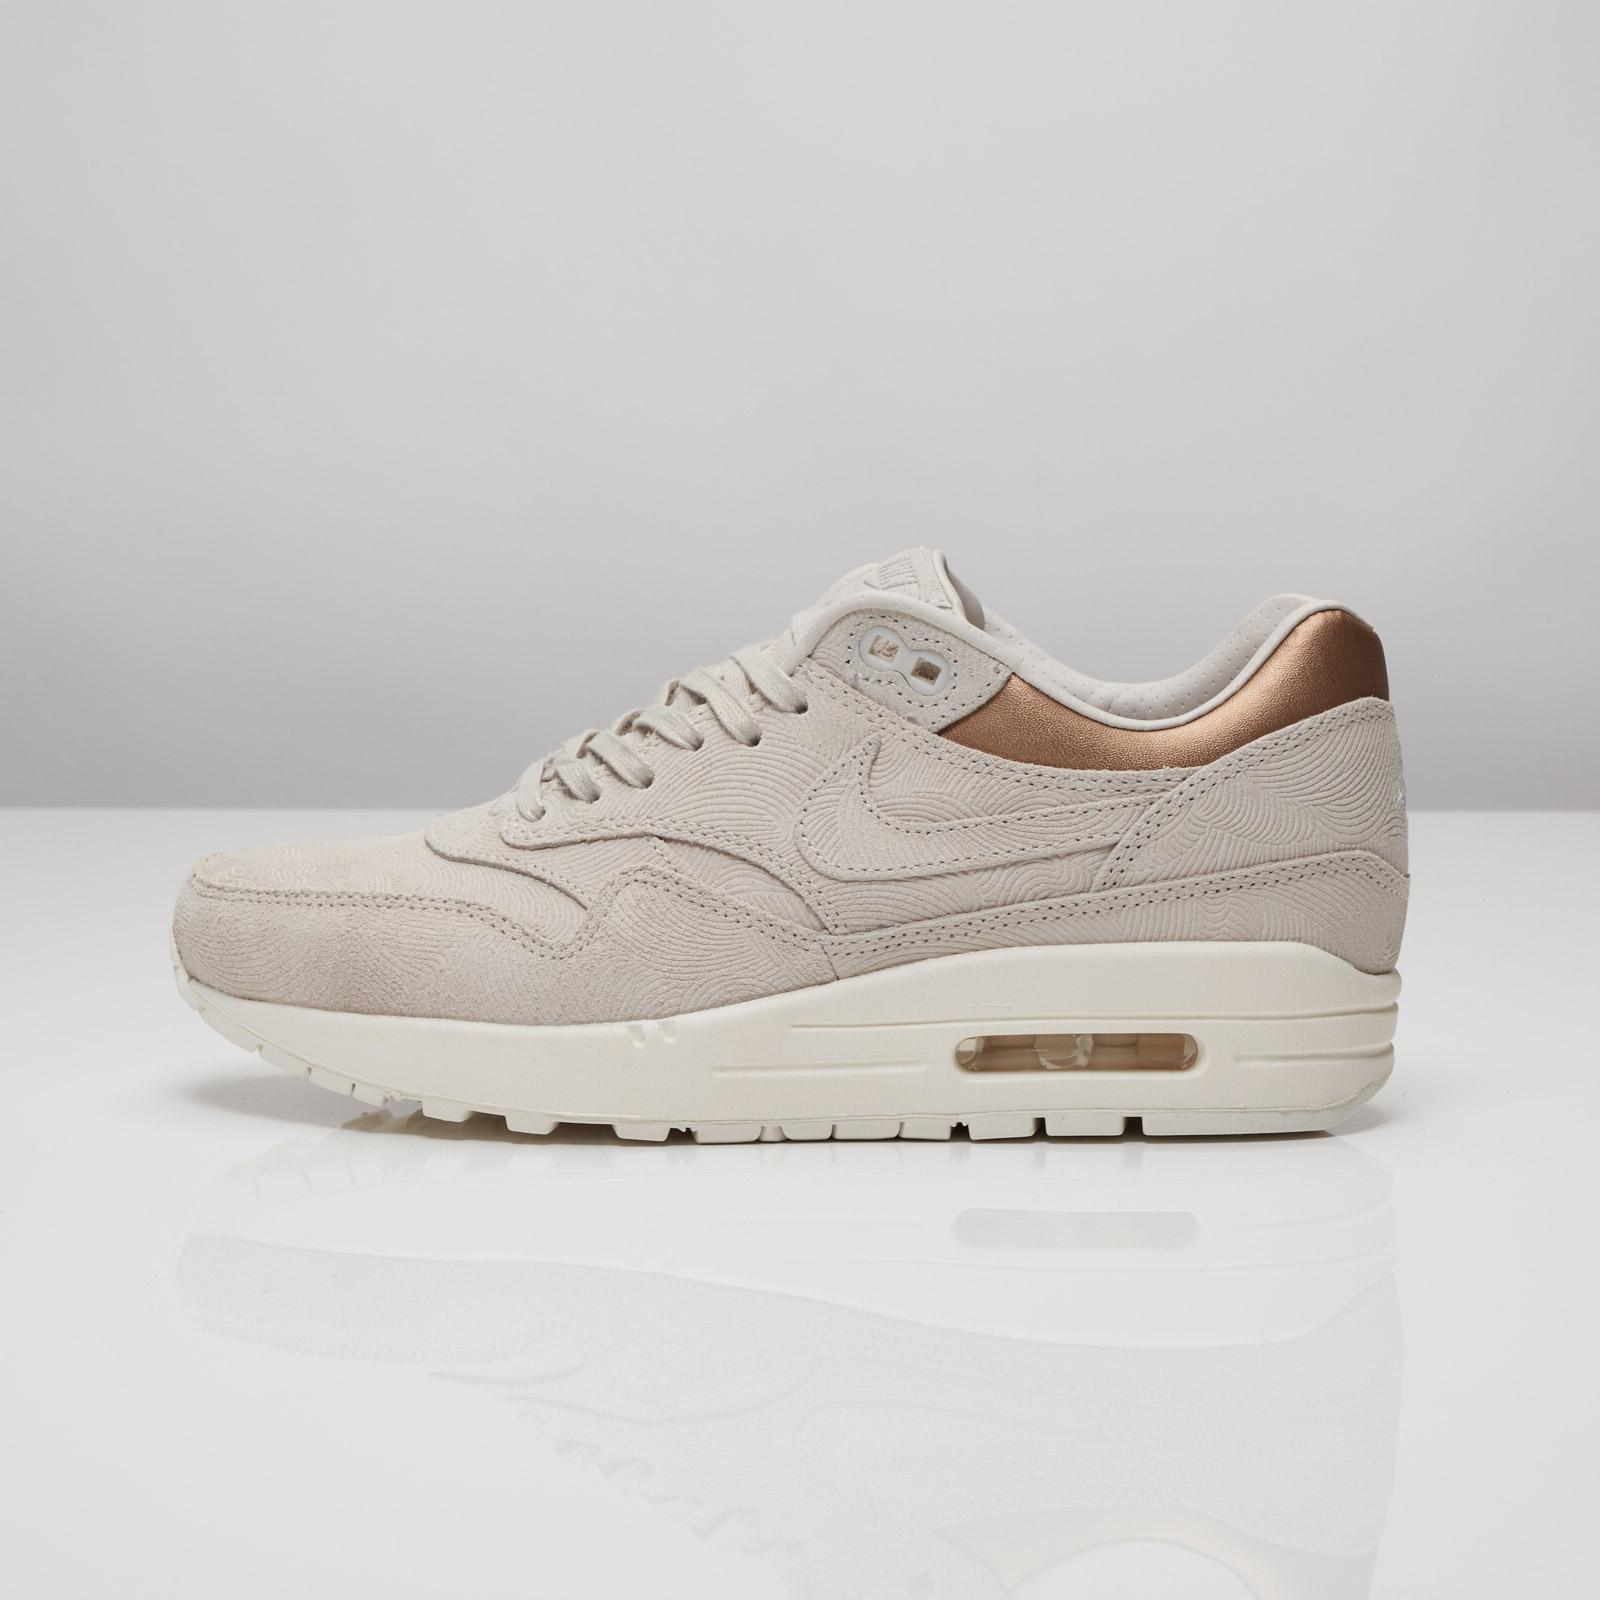 sale retailer 6462c fd6b3 Nike Wmns Air Max 1 Premium - 454746-009 - Sneakersnstuff   sneakers    streetwear online since 1999